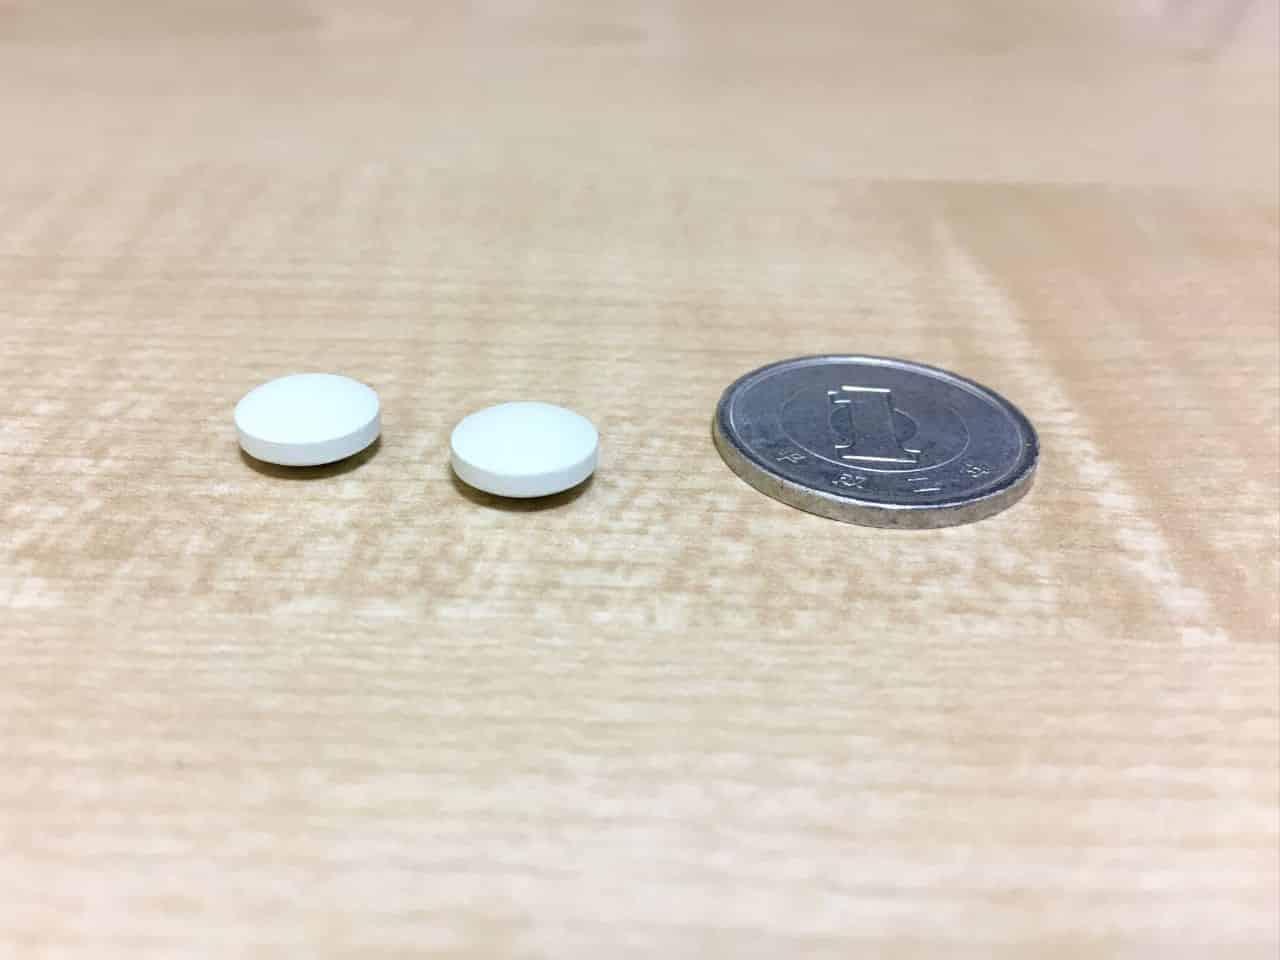 パンセダンの錠剤と一円玉